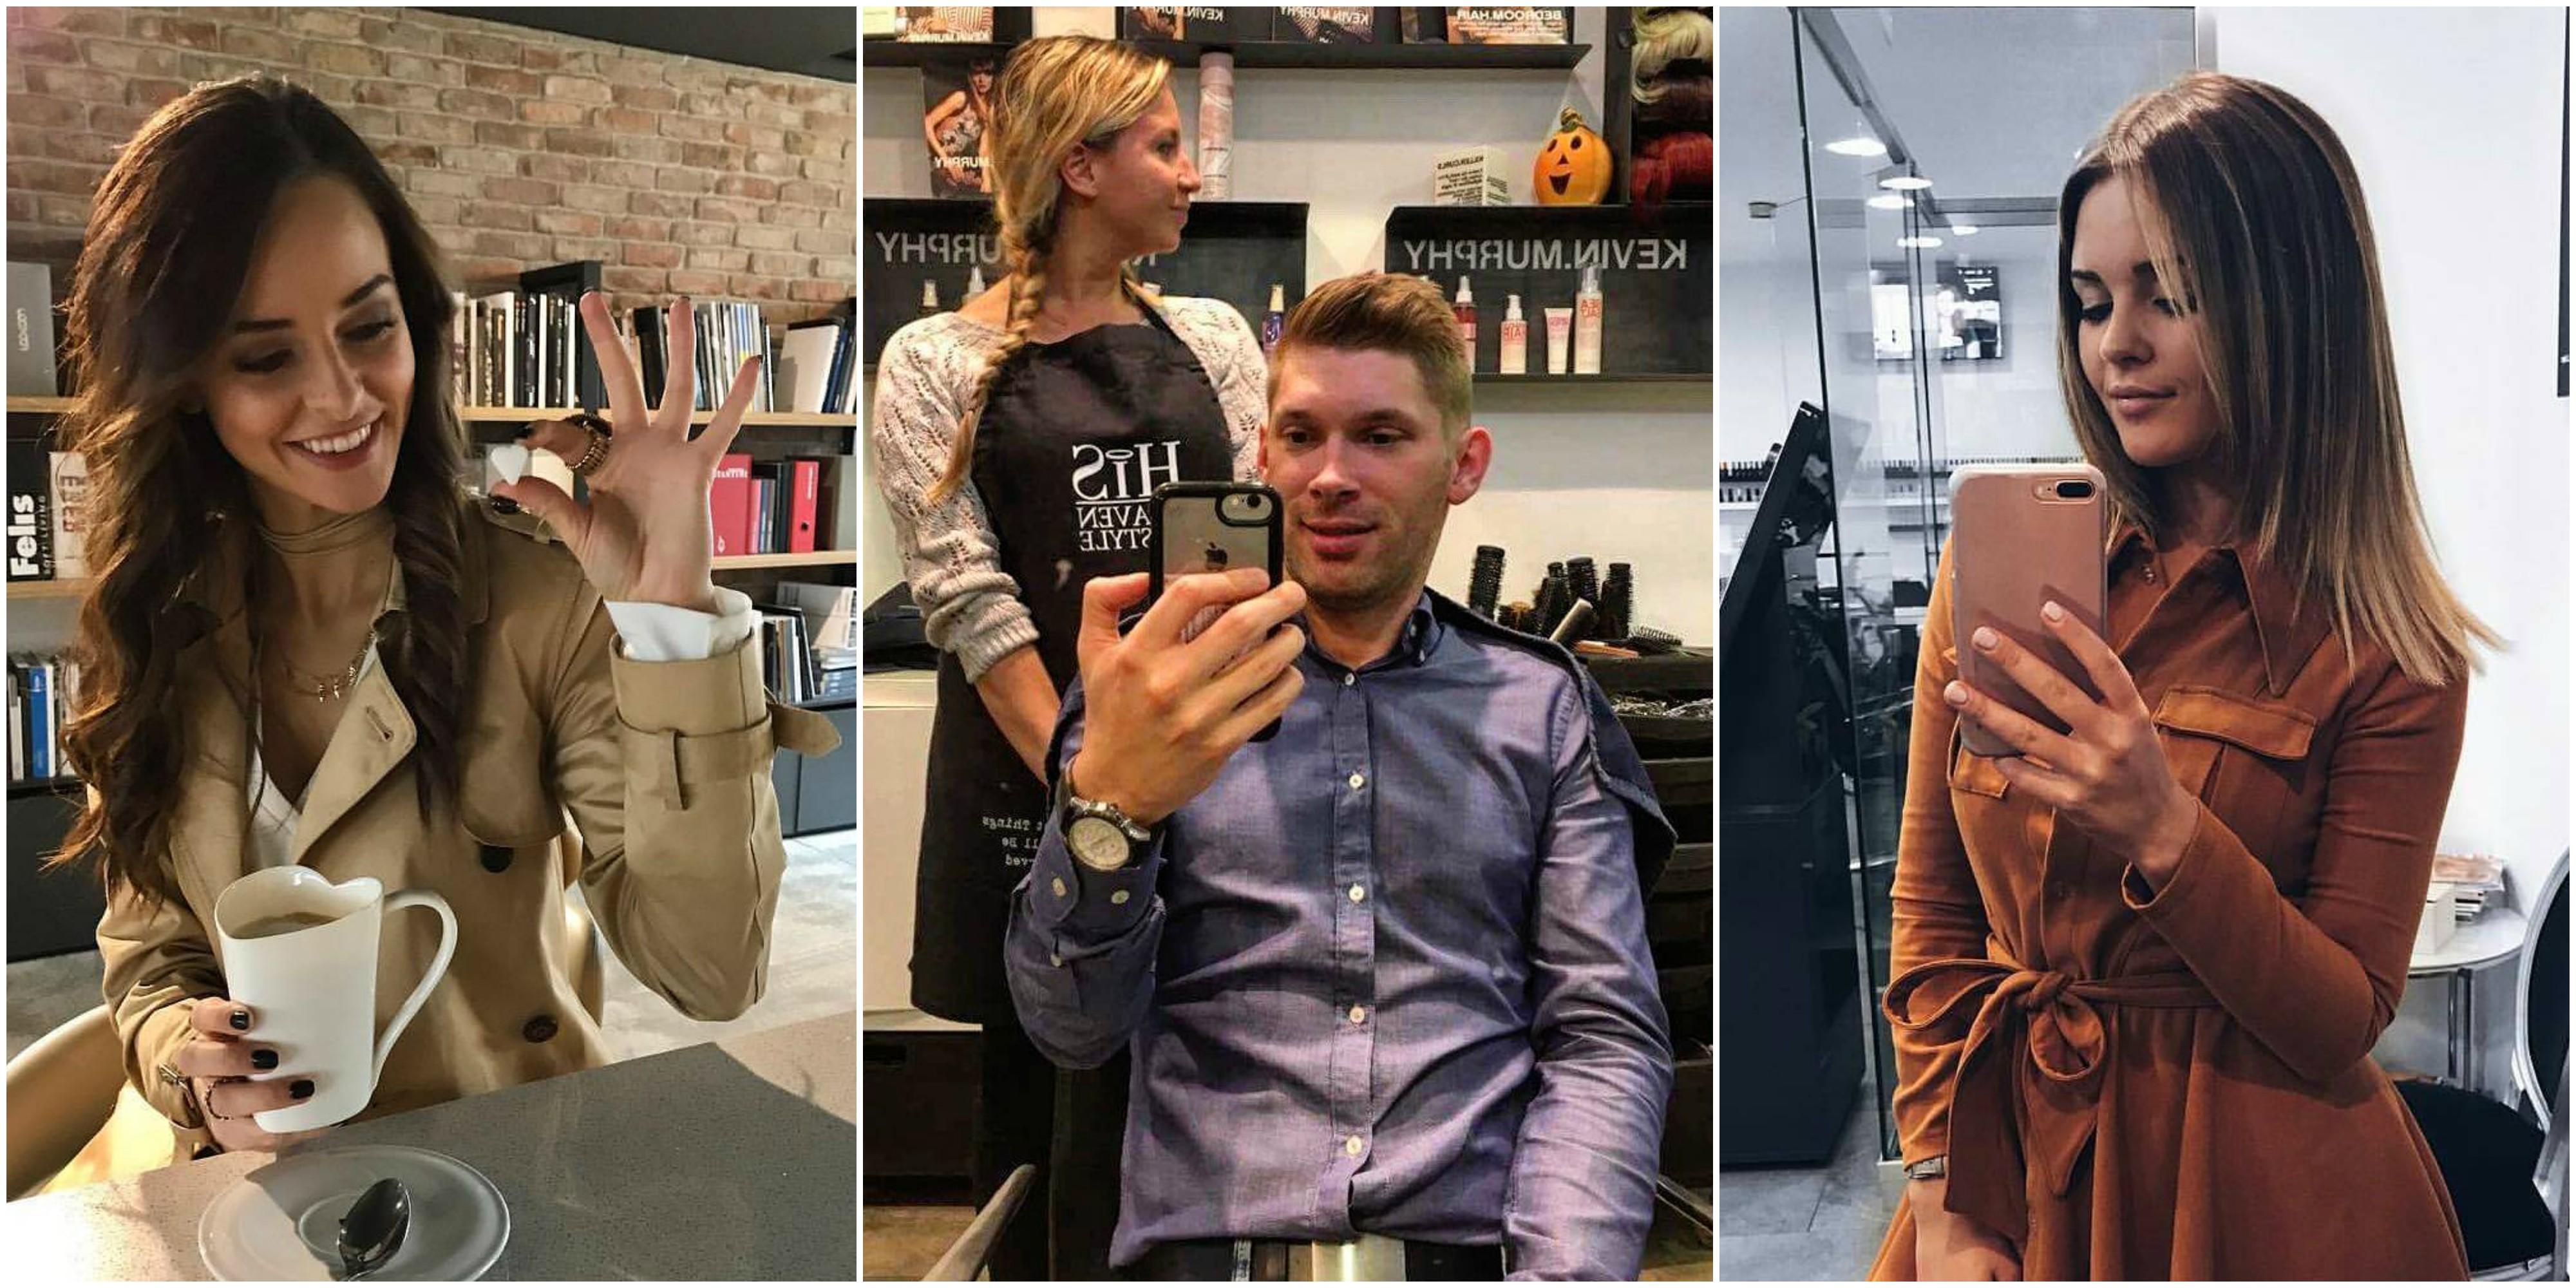 Felfrissítenéd frizurádat? Mit szólnál egy divatos formához, amit profi fodrászok készítenek? Vagy régóta álmodozol egy merőben új hajszínről? Itt a remek alkalom, hogy frizurádat a maximumra pörgesd!<br /> <br /> December 6-án a Heaven in Style Szépségszalonban a helyed! A hajvágás és szárítás15% kedvezménnyel vehető igénybe! A festés mellé pedig garantált ajándék jár!<br />